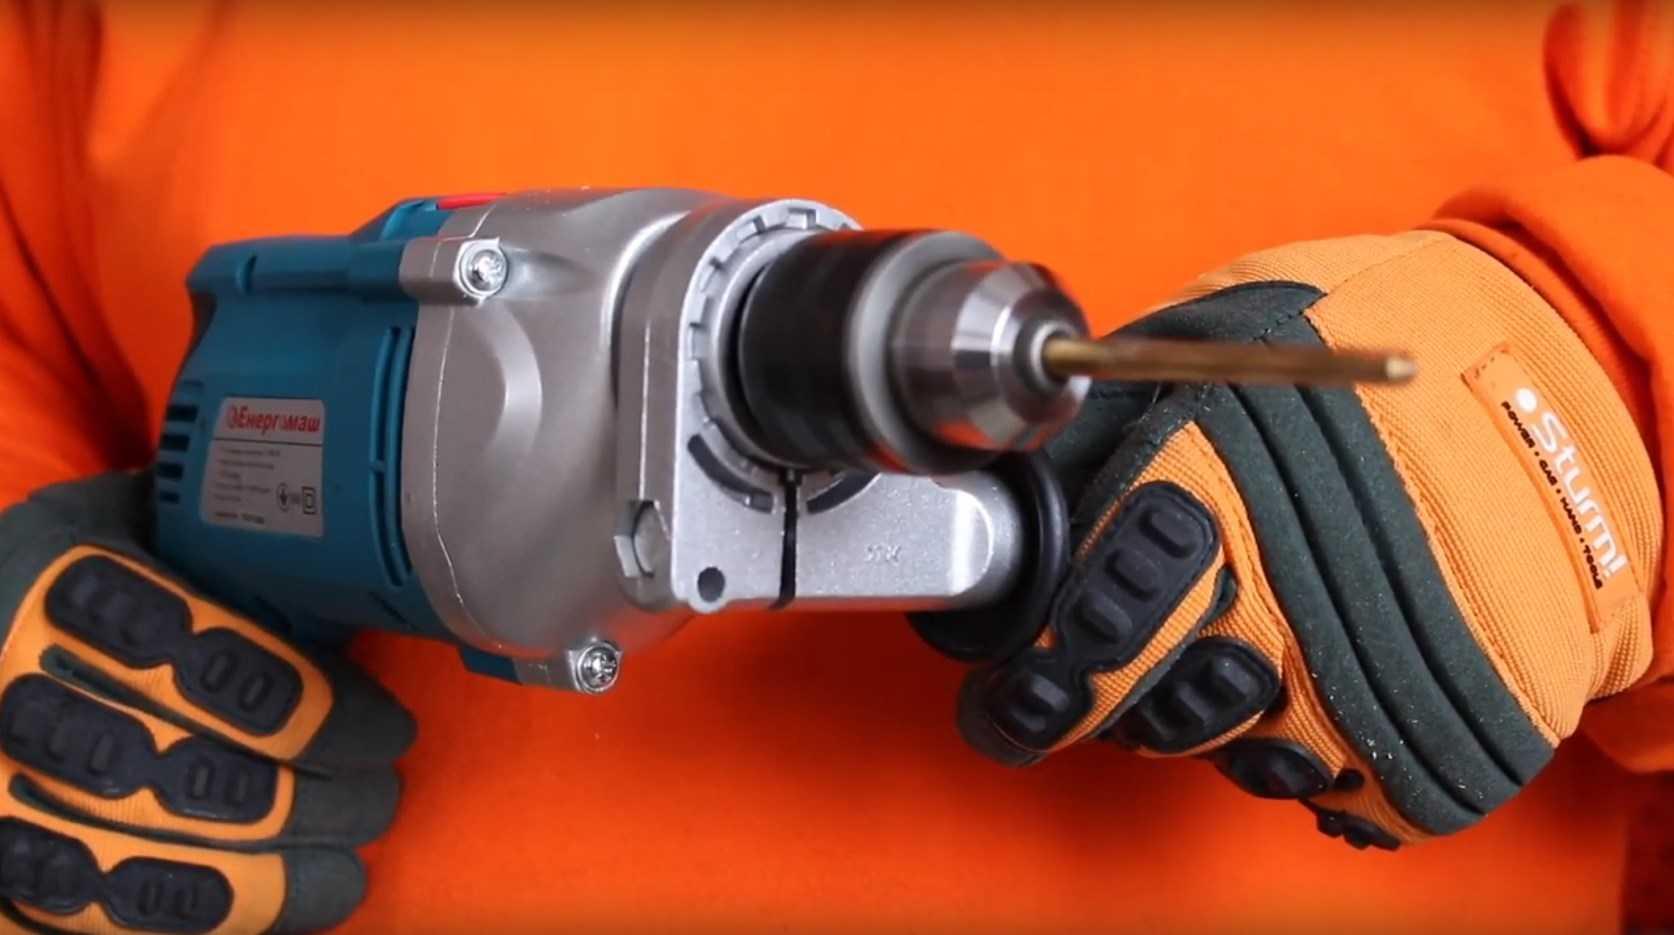 Как выбрать электрическую и аккумуляторную дрель для дома